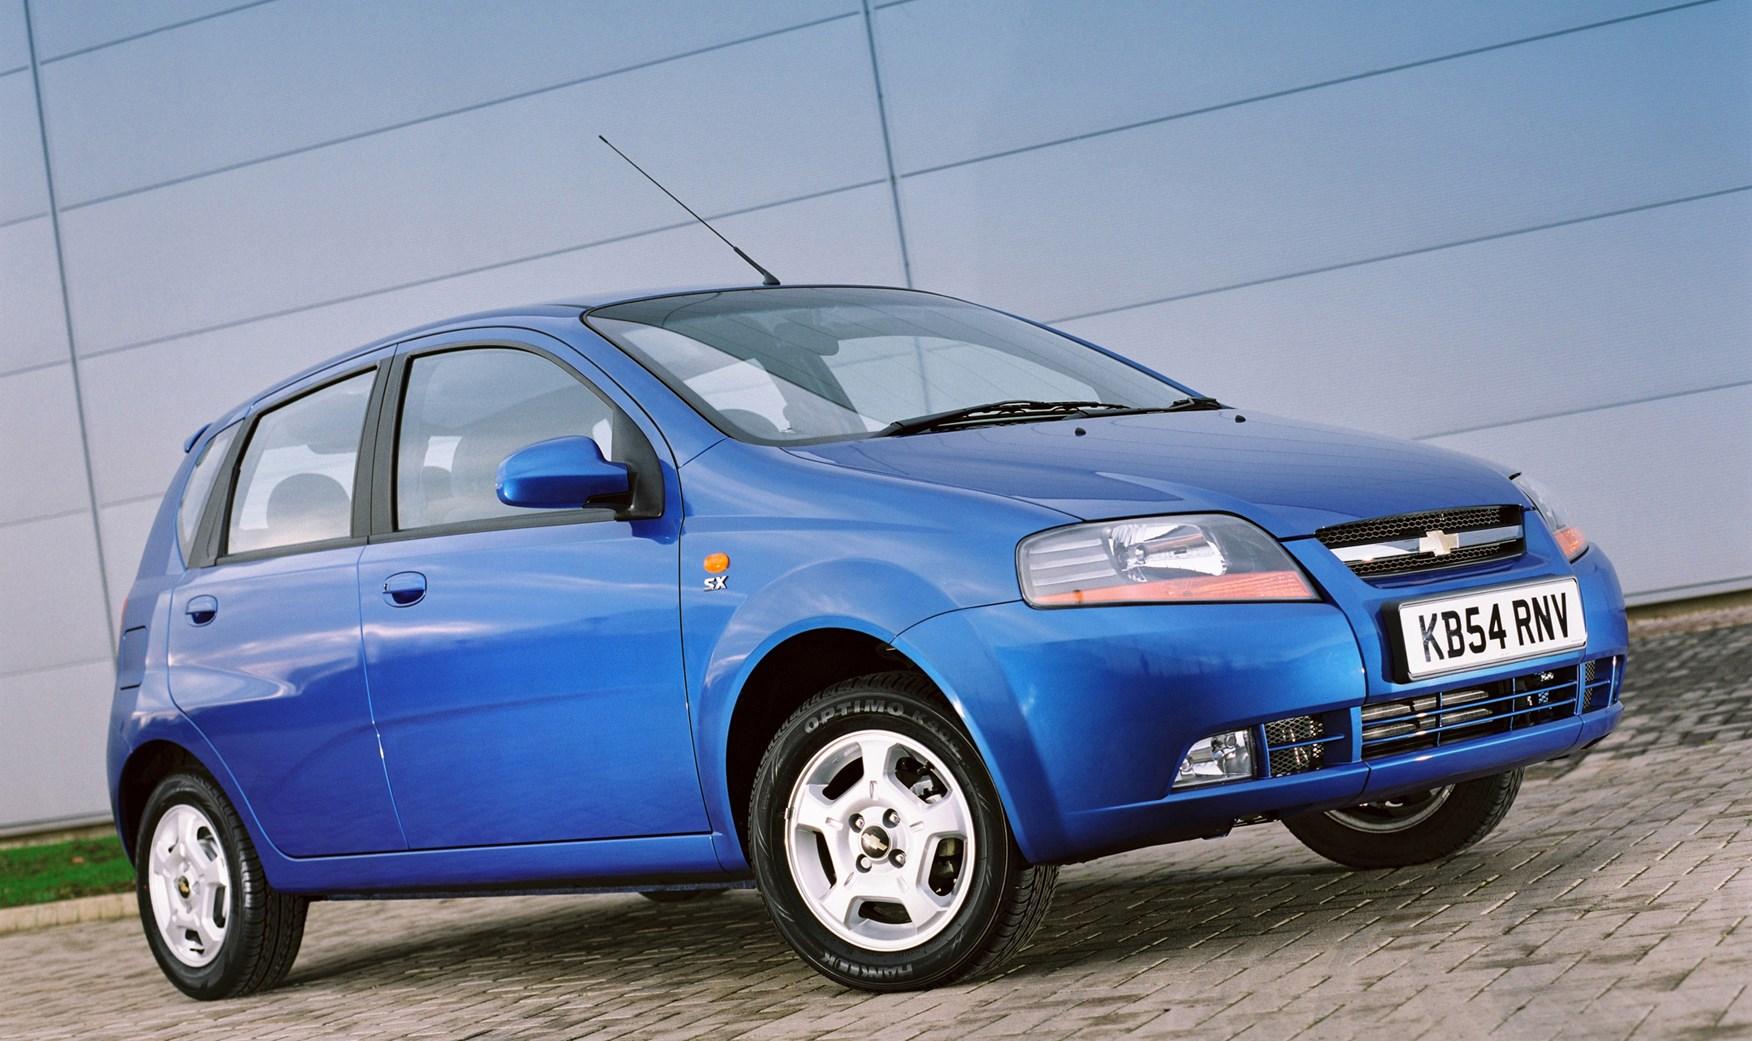 Chevrolet Kalos Hatchback Review (2005 - 2008) | Parkers